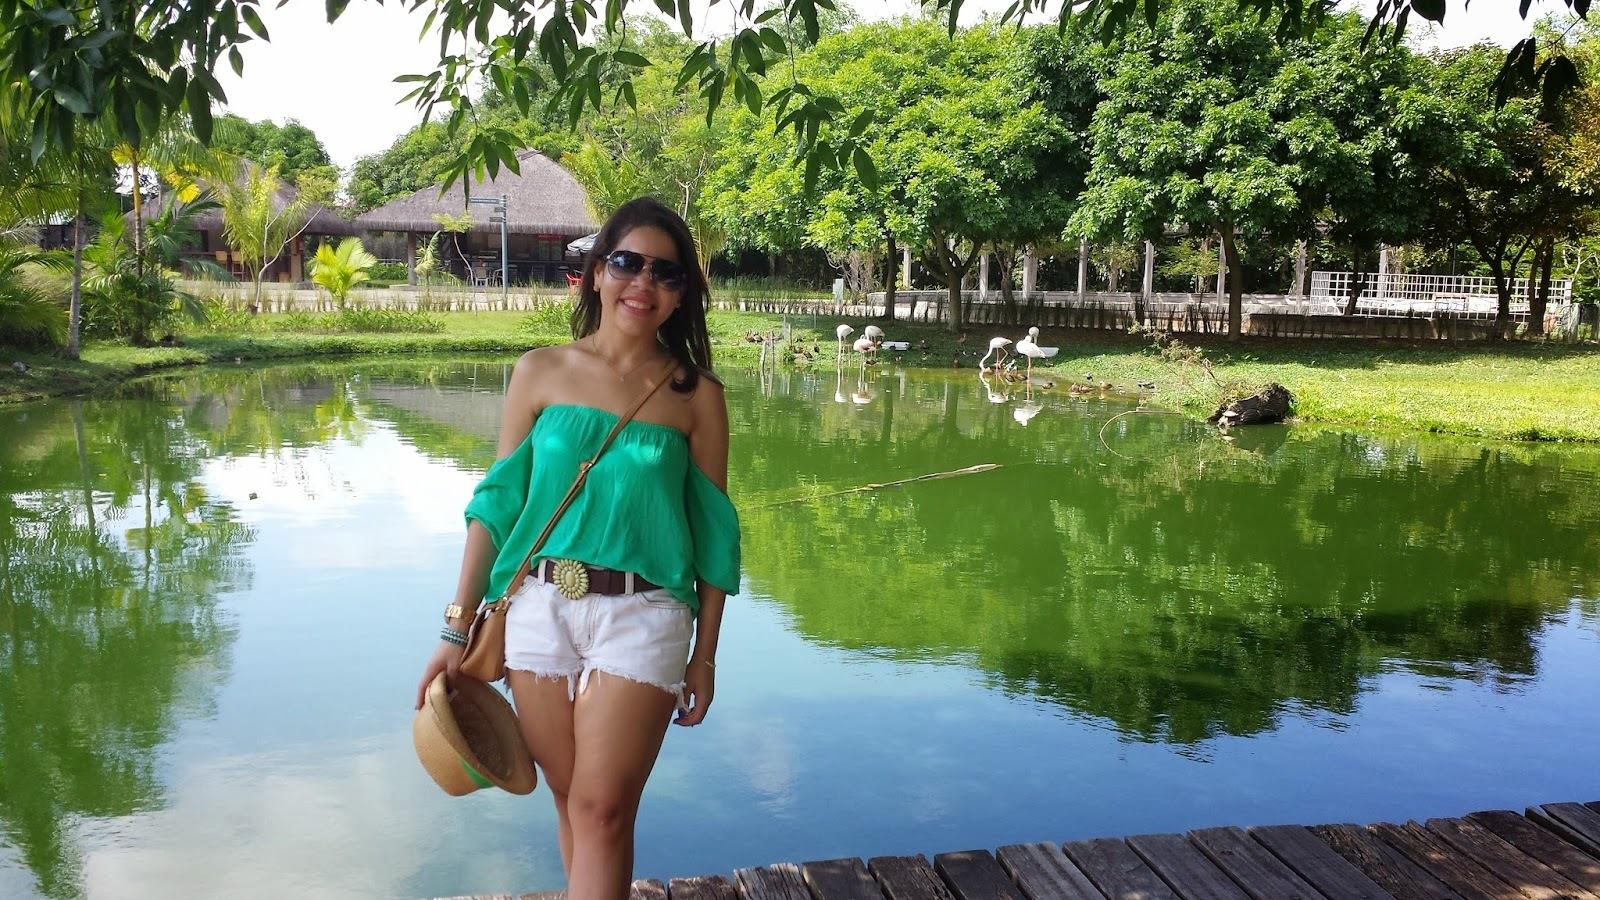 Belém, a sorveteria Cairu e de quebra alguns pontos turísticos ;)